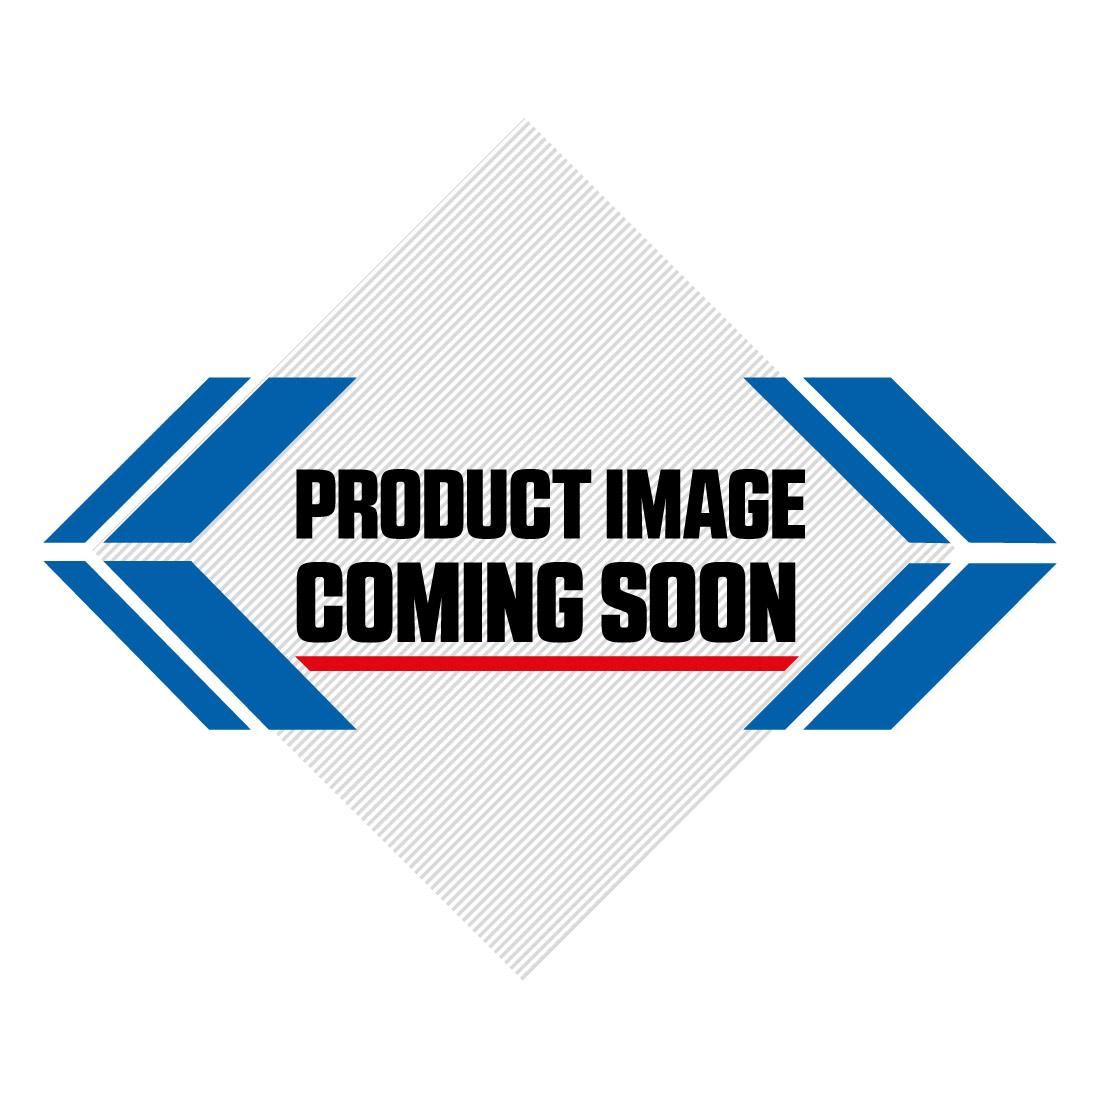 MDR Pro Bite Footpegs Kawasaki KX 250 (05-07) KXF 250 (05-16) KXF 450 (07-15) KLX 450 (08-12)